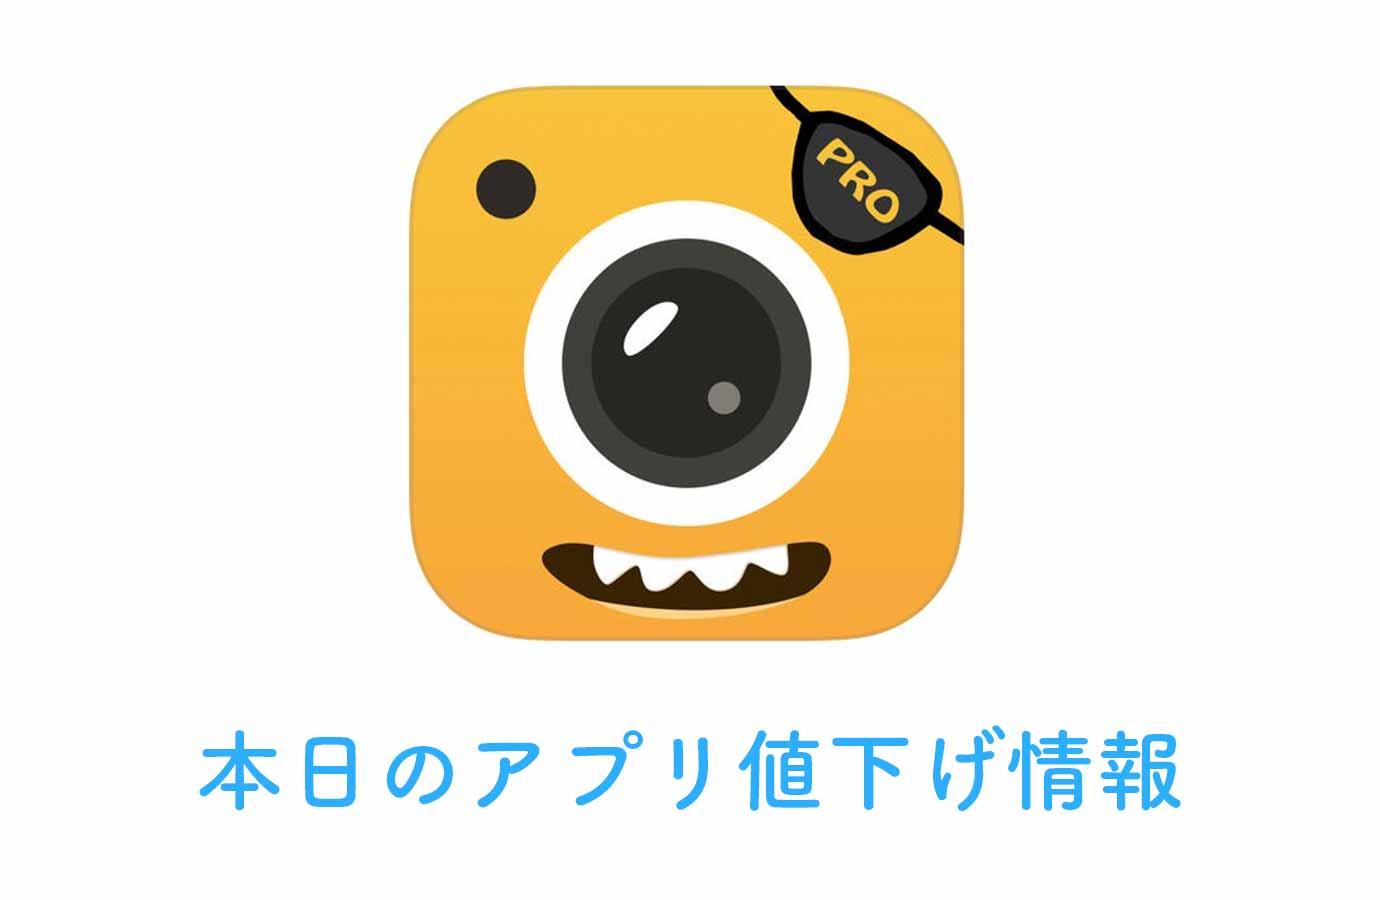 120円→無料!変わったエフェクトで写真を面白おかしくできる「SnapFun Pro」など【7/29版】アプリ値下げ情報